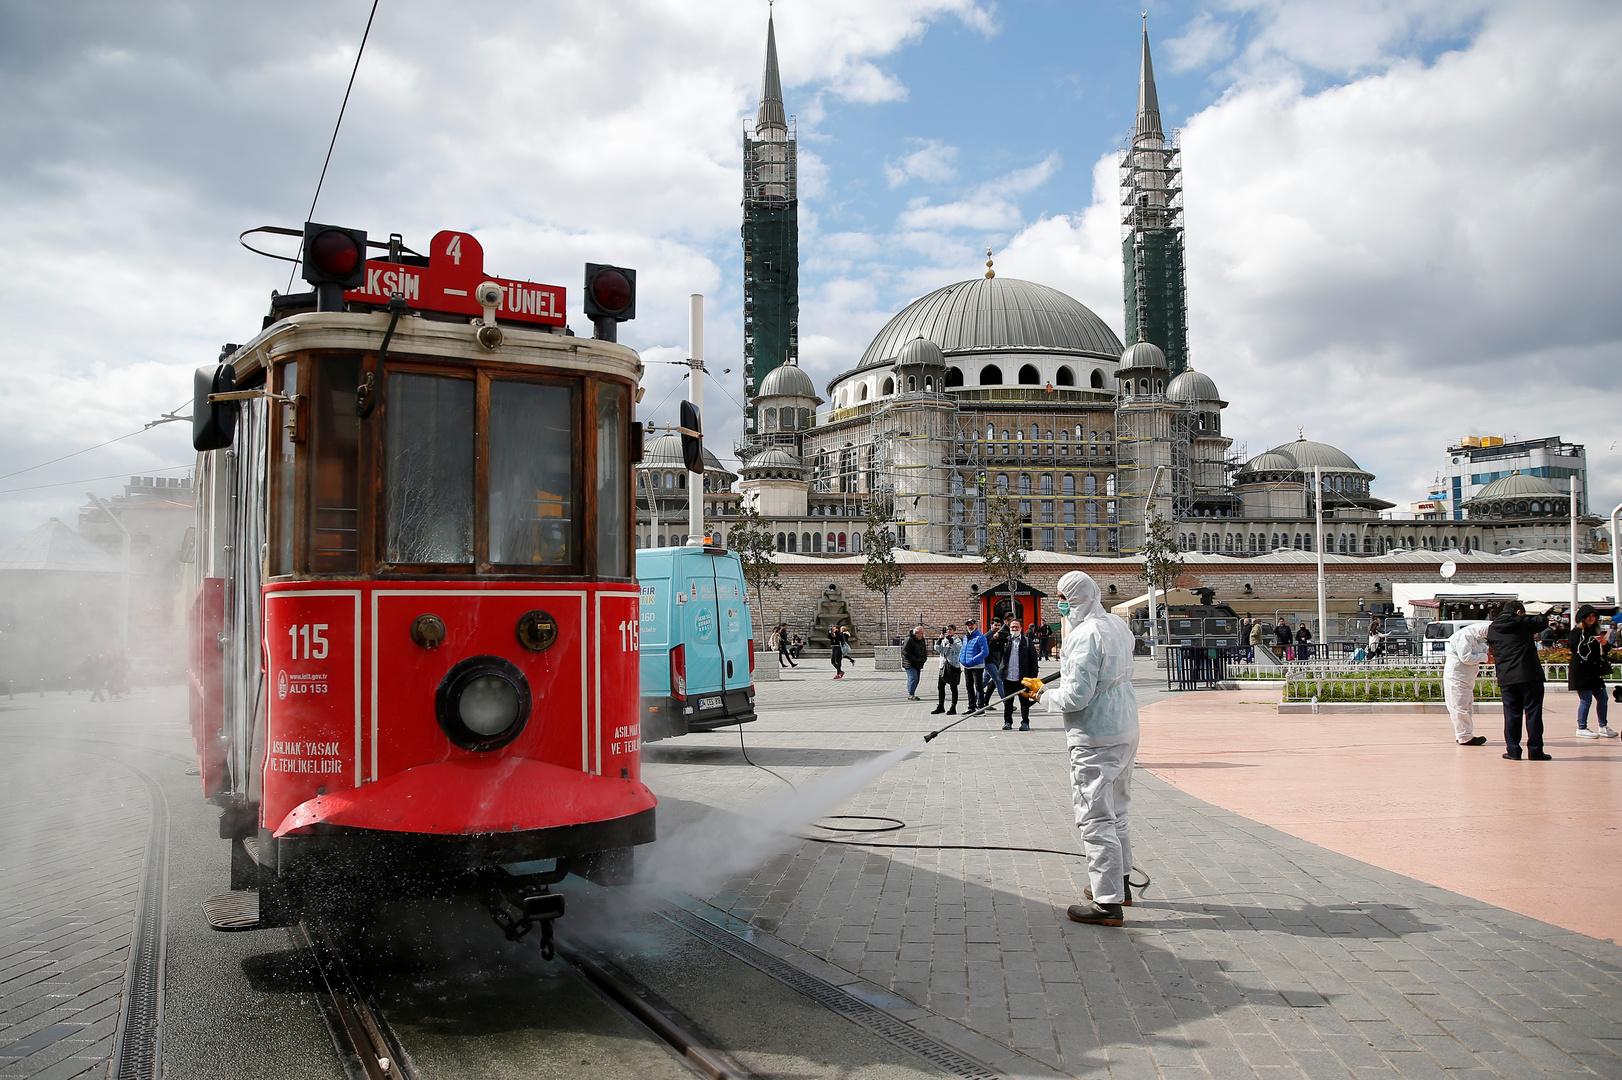 المجلس العلمي بوزارة الصحة: سكان إسطنبول معرضون لخطر الإصابة بكورونا ضعف أهالي باقي الولايات